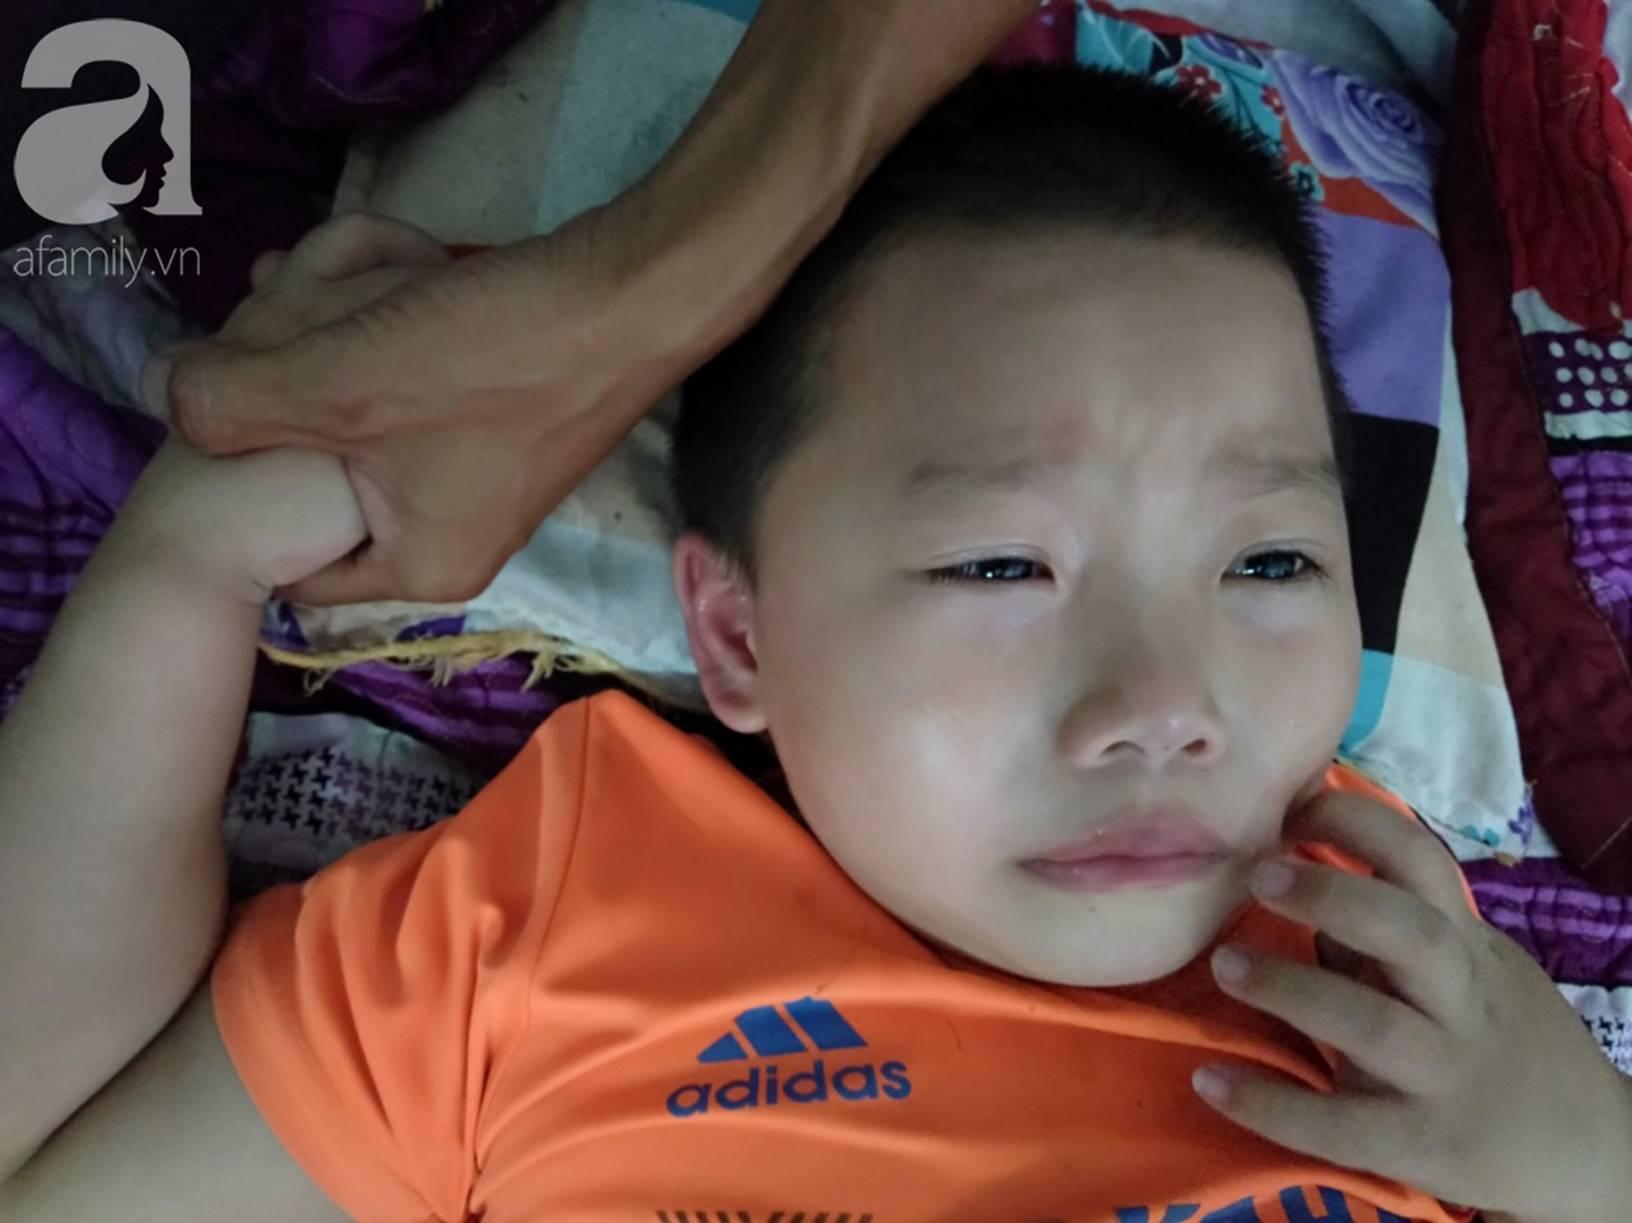 Vợ chồng nghèo cầu cứu 100 triệu đồng cho con trai 7 tuổi mắc bệnh thận có cơ hội phẫu thuật, giành lại sự sống-6